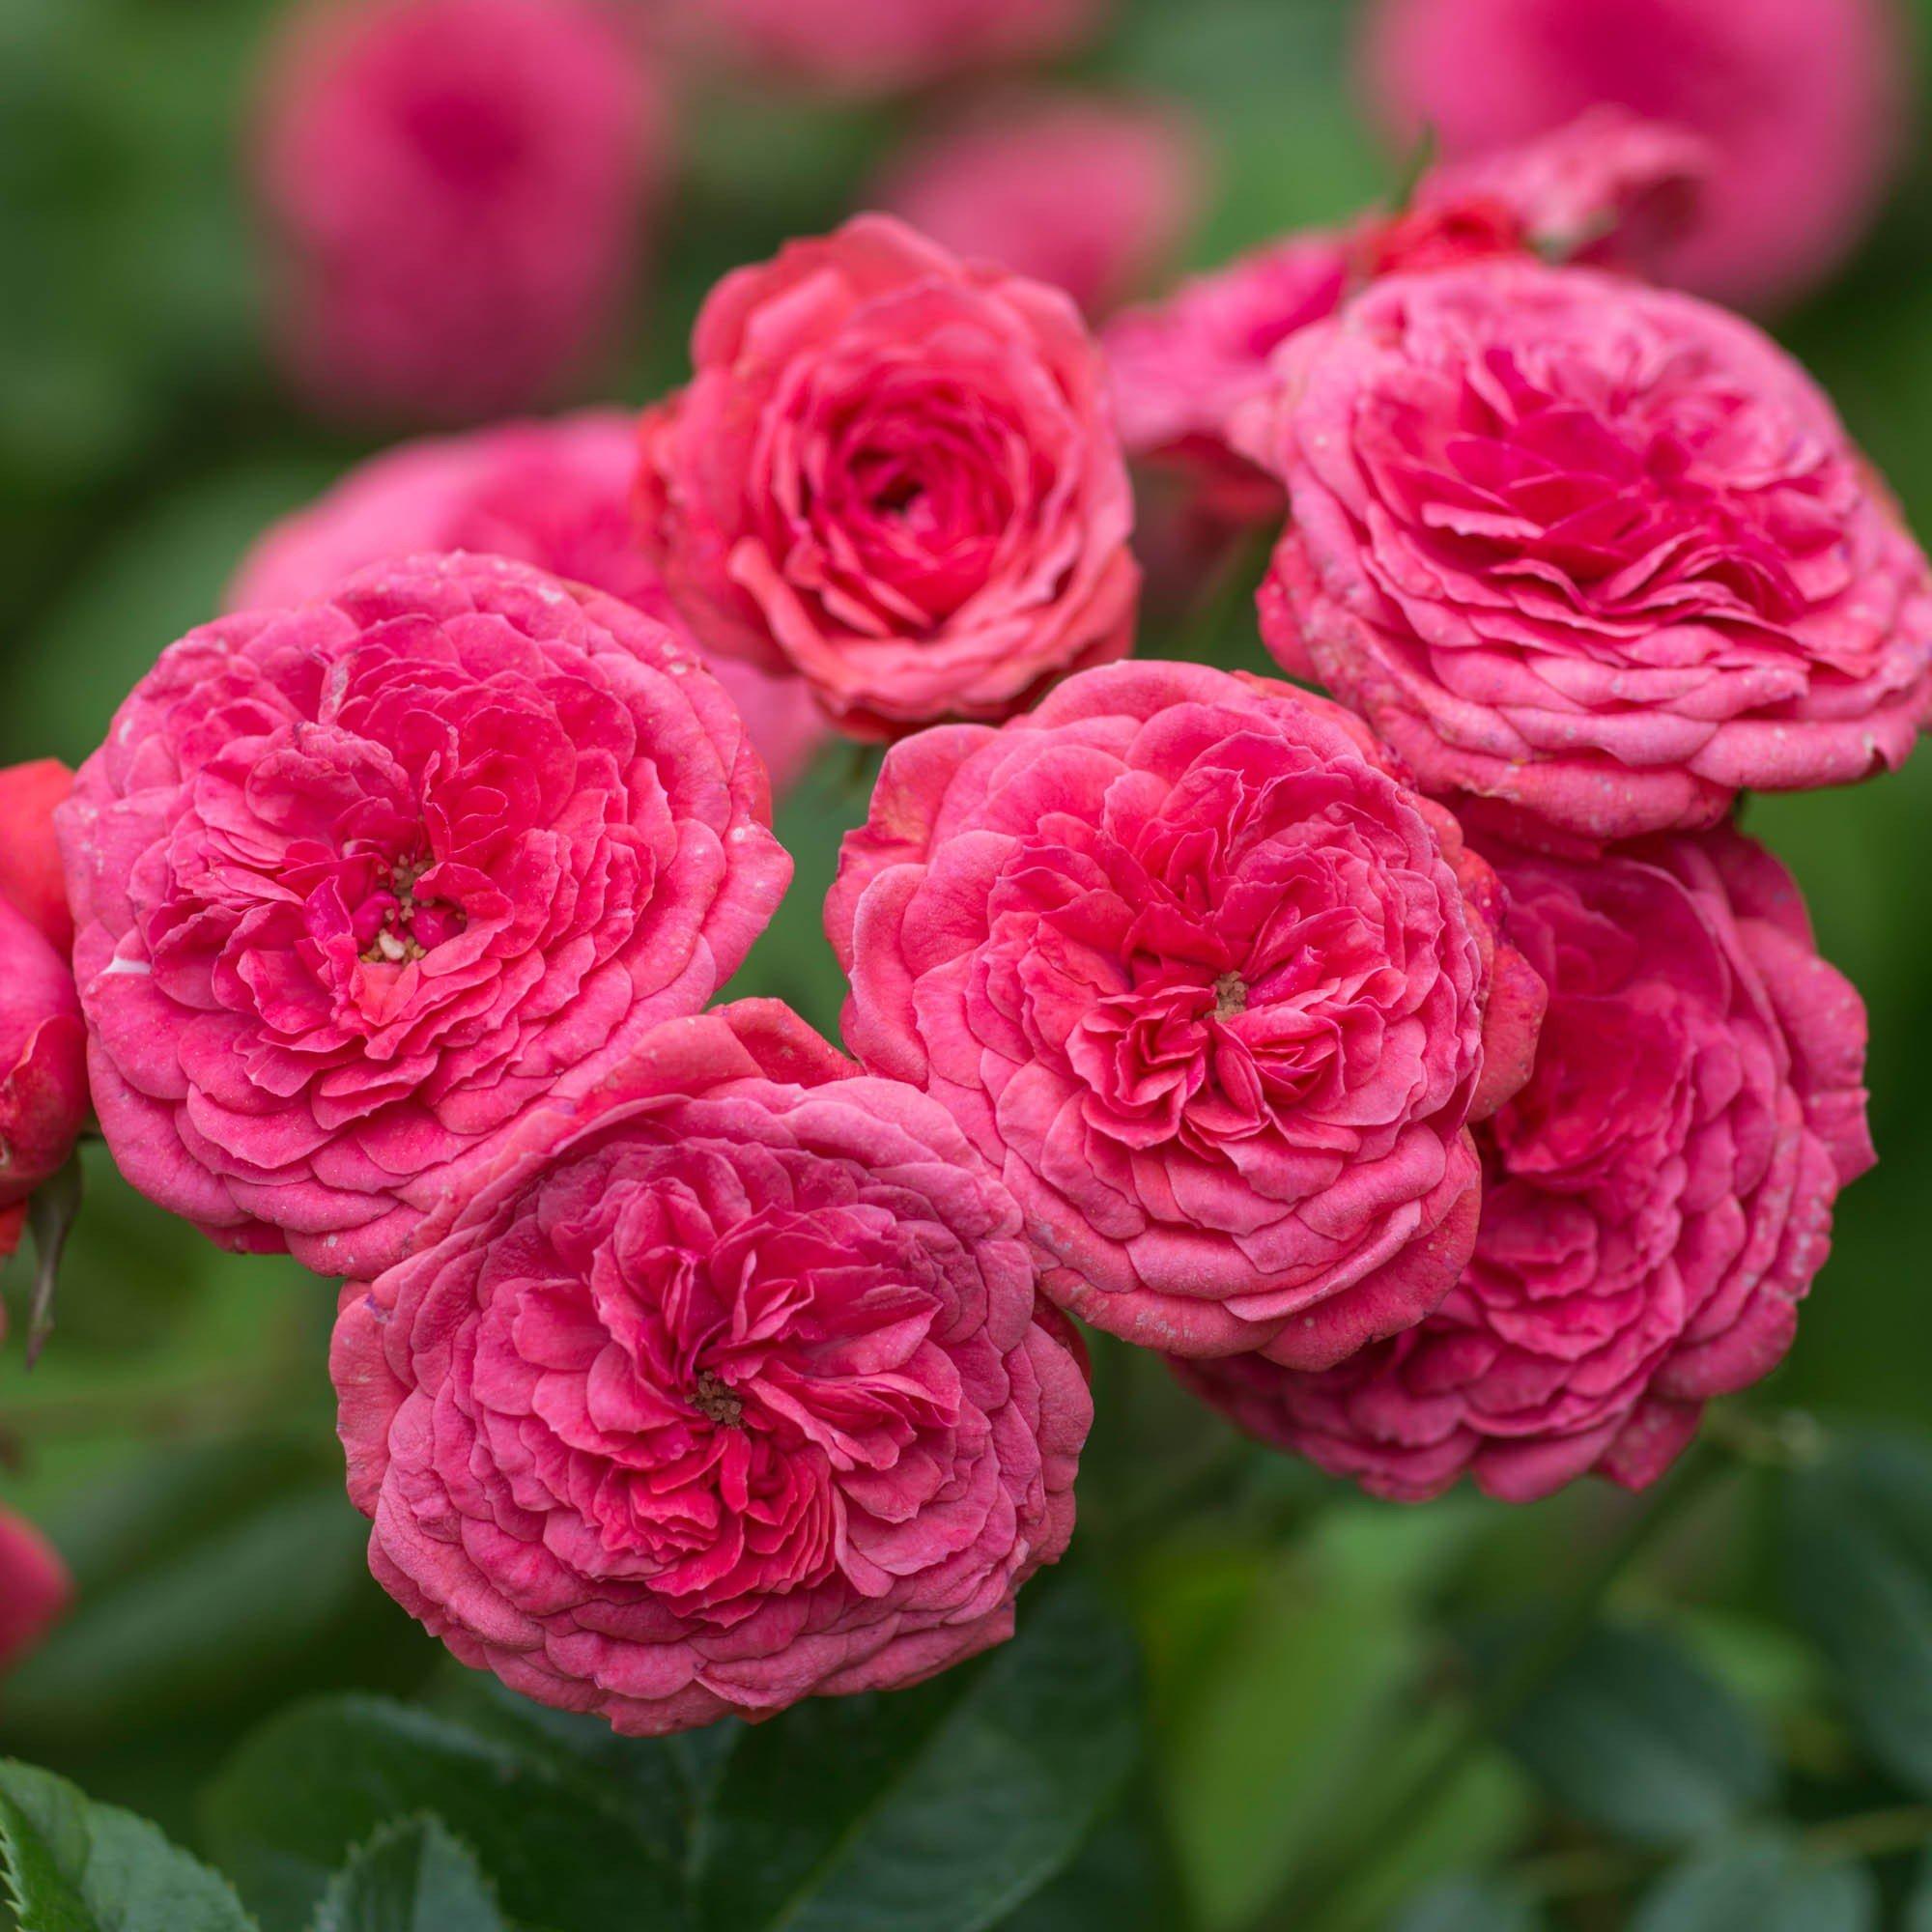 Ярко-розовые махровые розы